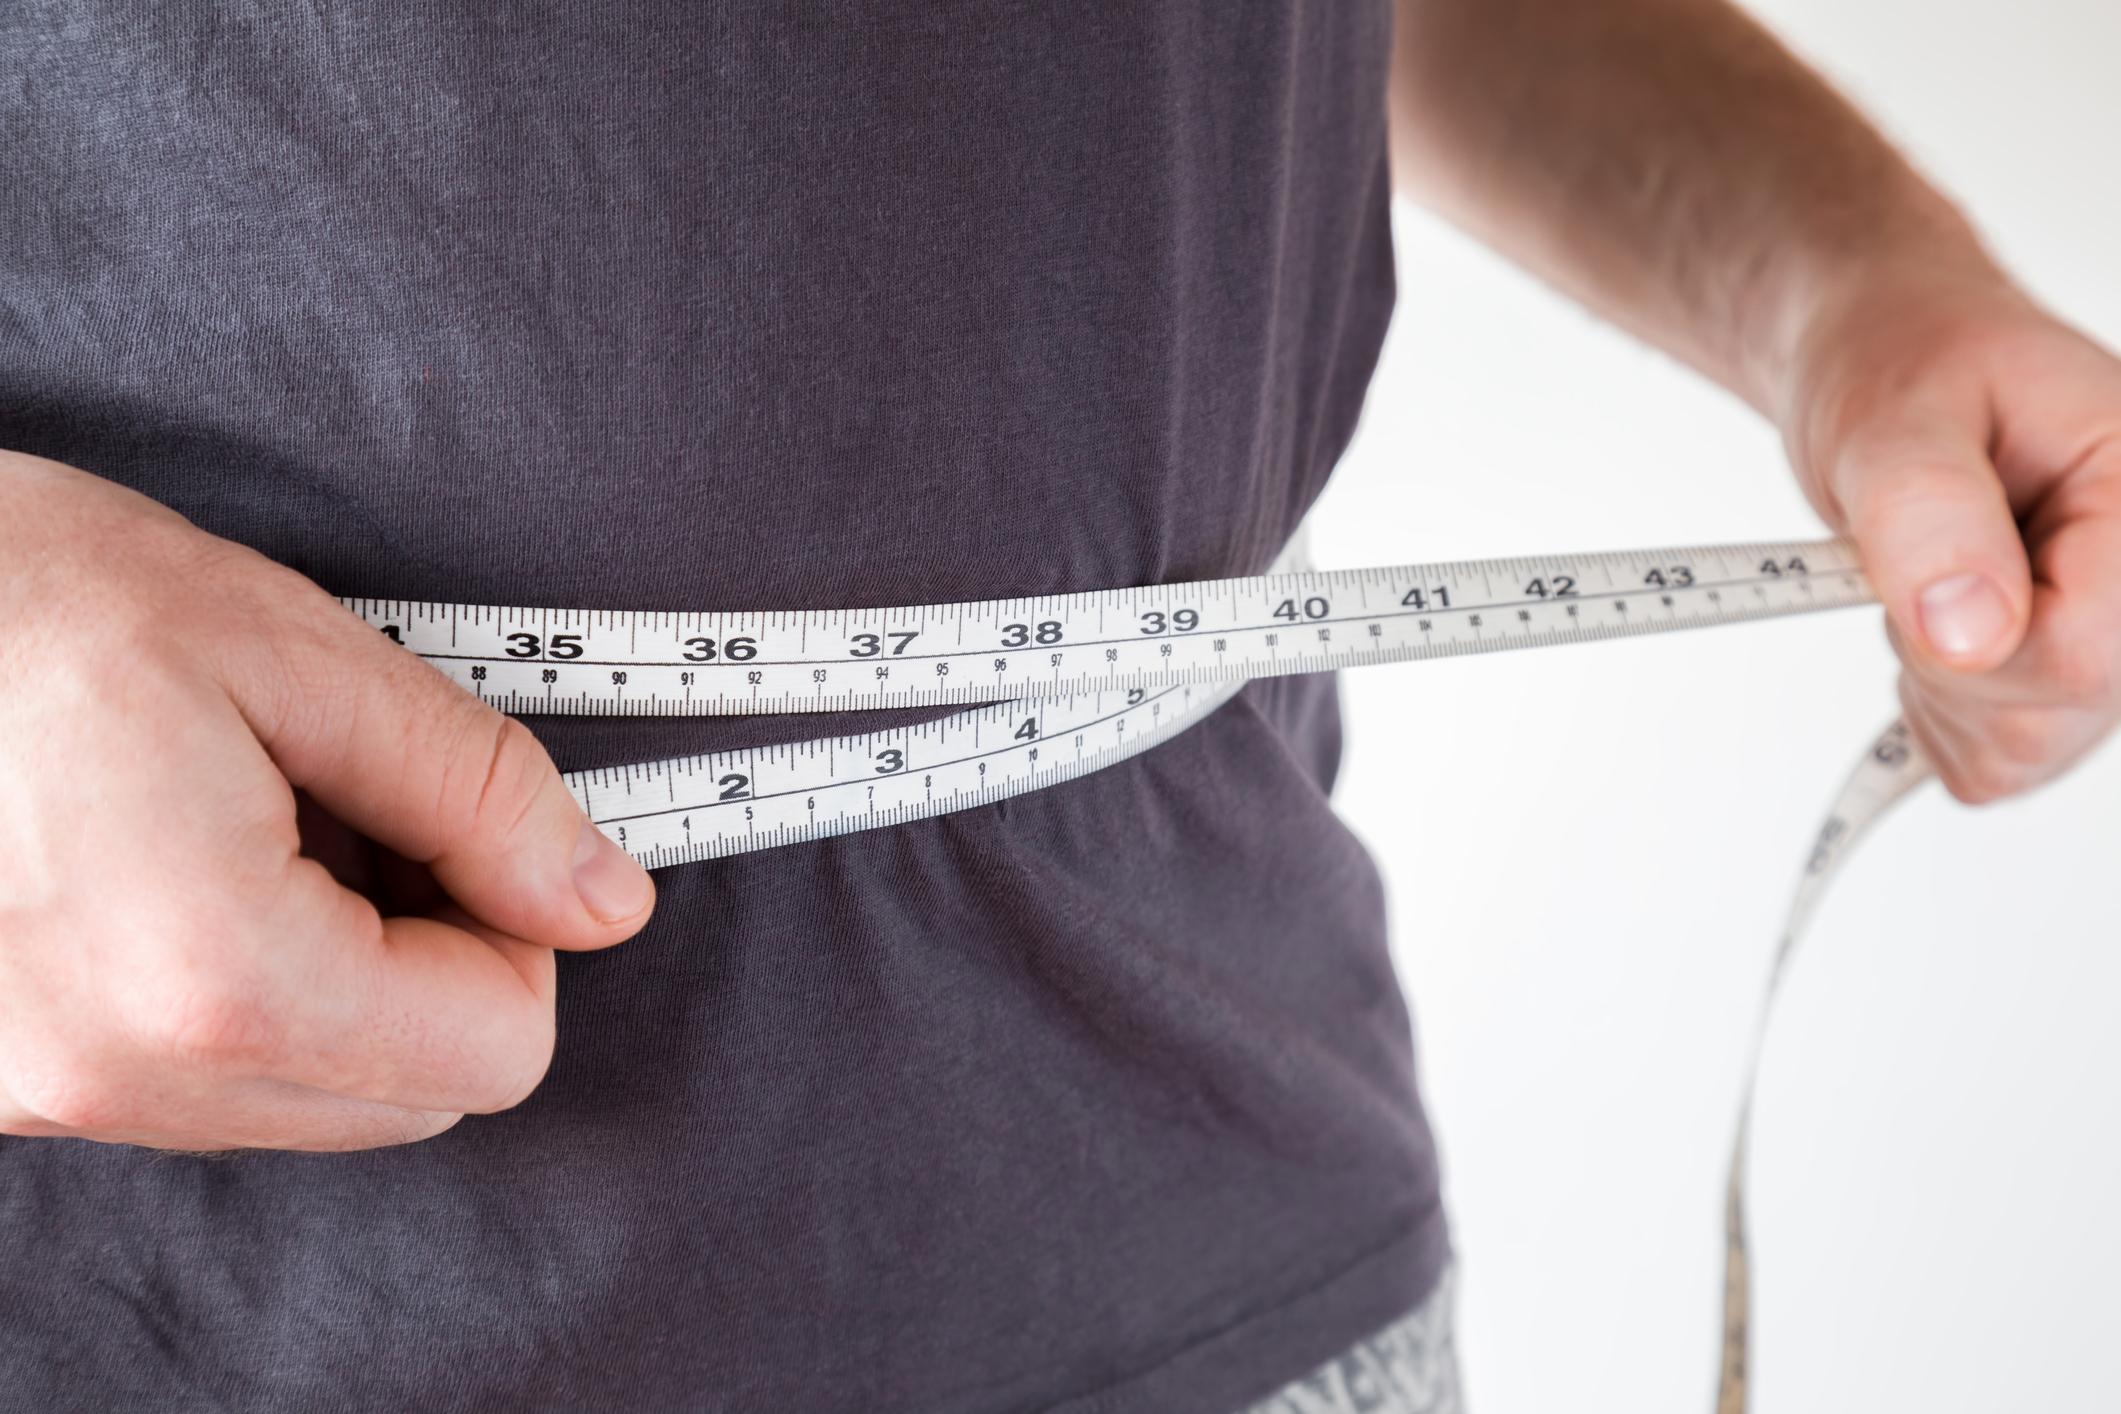 A man measuring his waist.